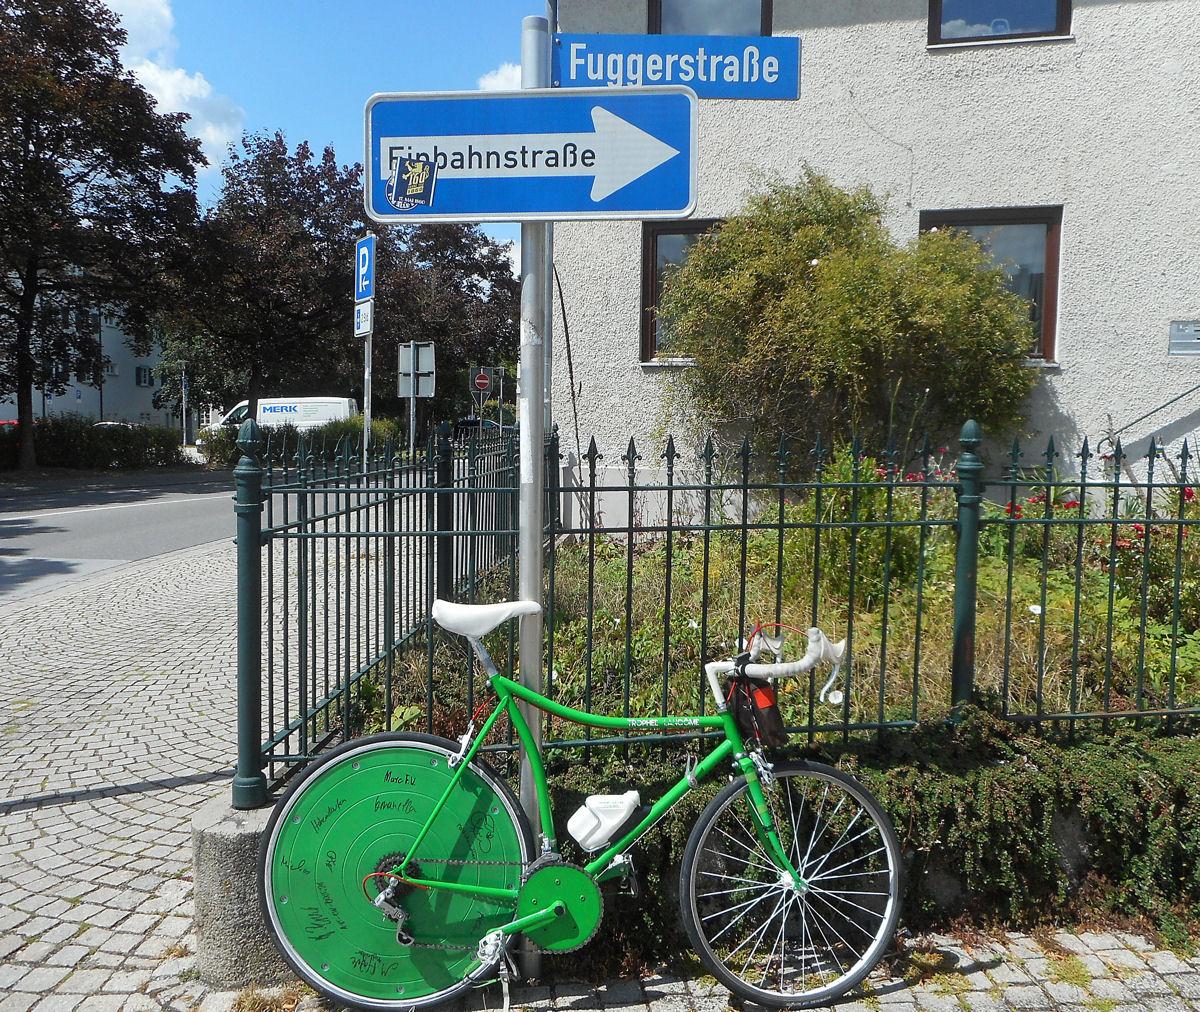 03_Fuggerstrasse_Rad.jpg